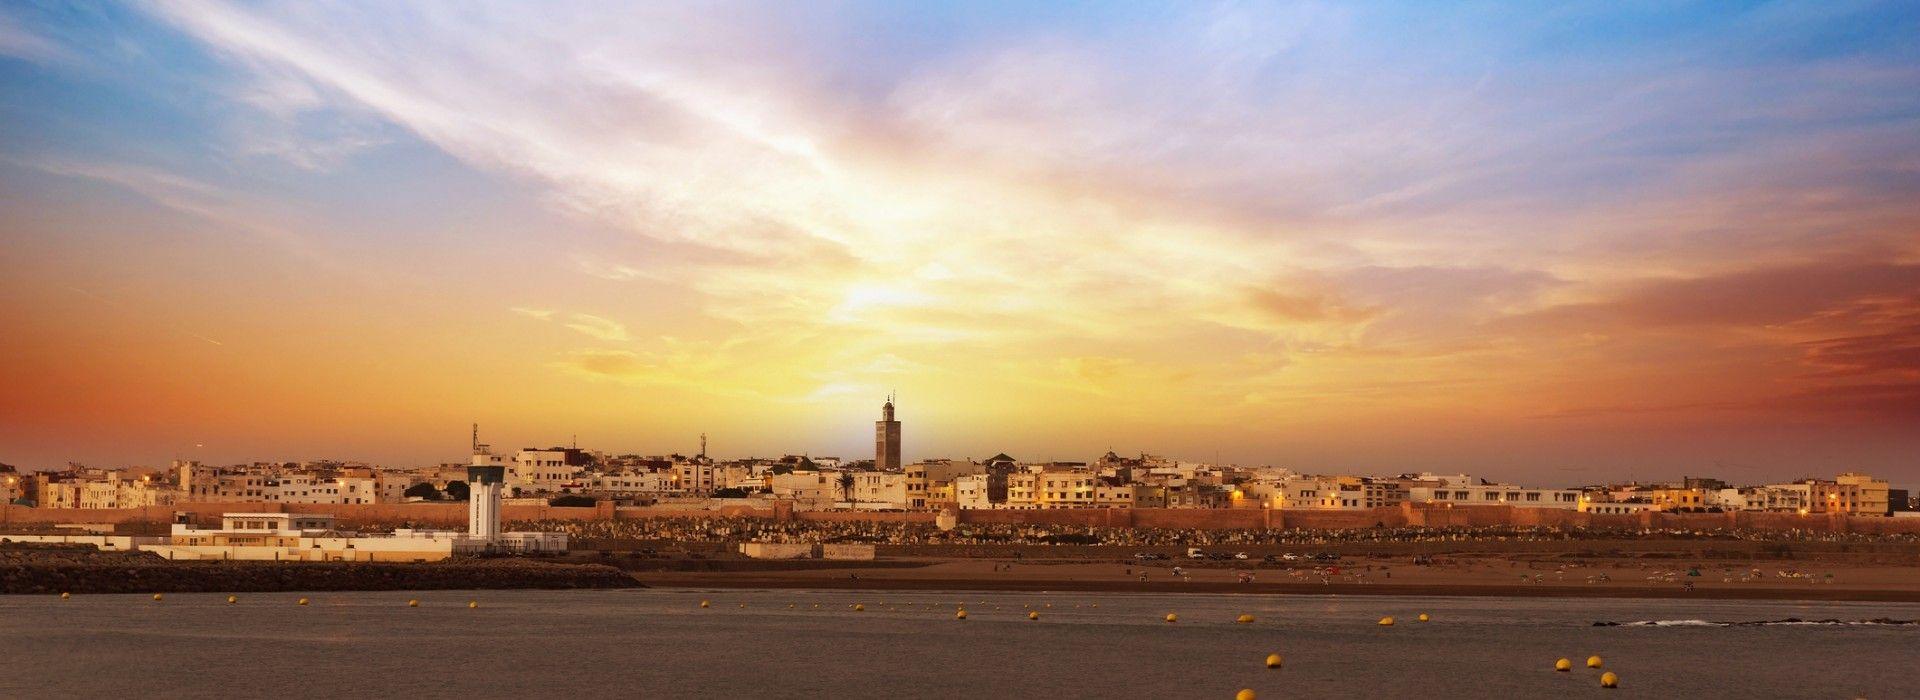 Natural landmarks sightseeing Tours in Casablanca